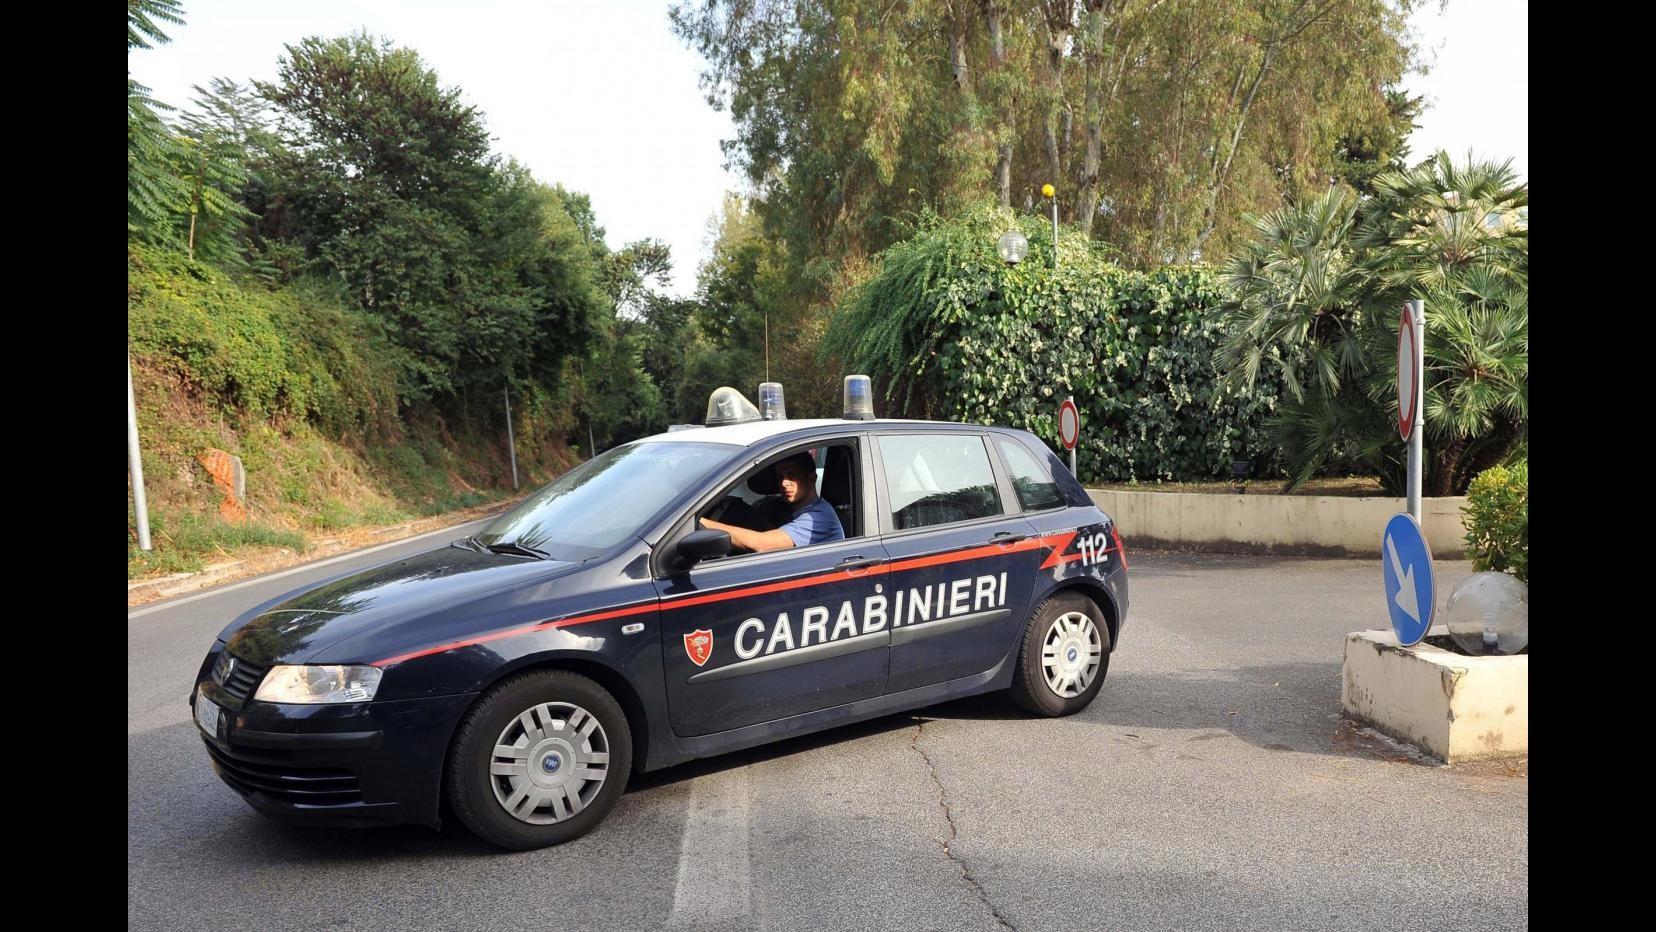 Roma, arrestato ricercato internazionale per sequestro persona